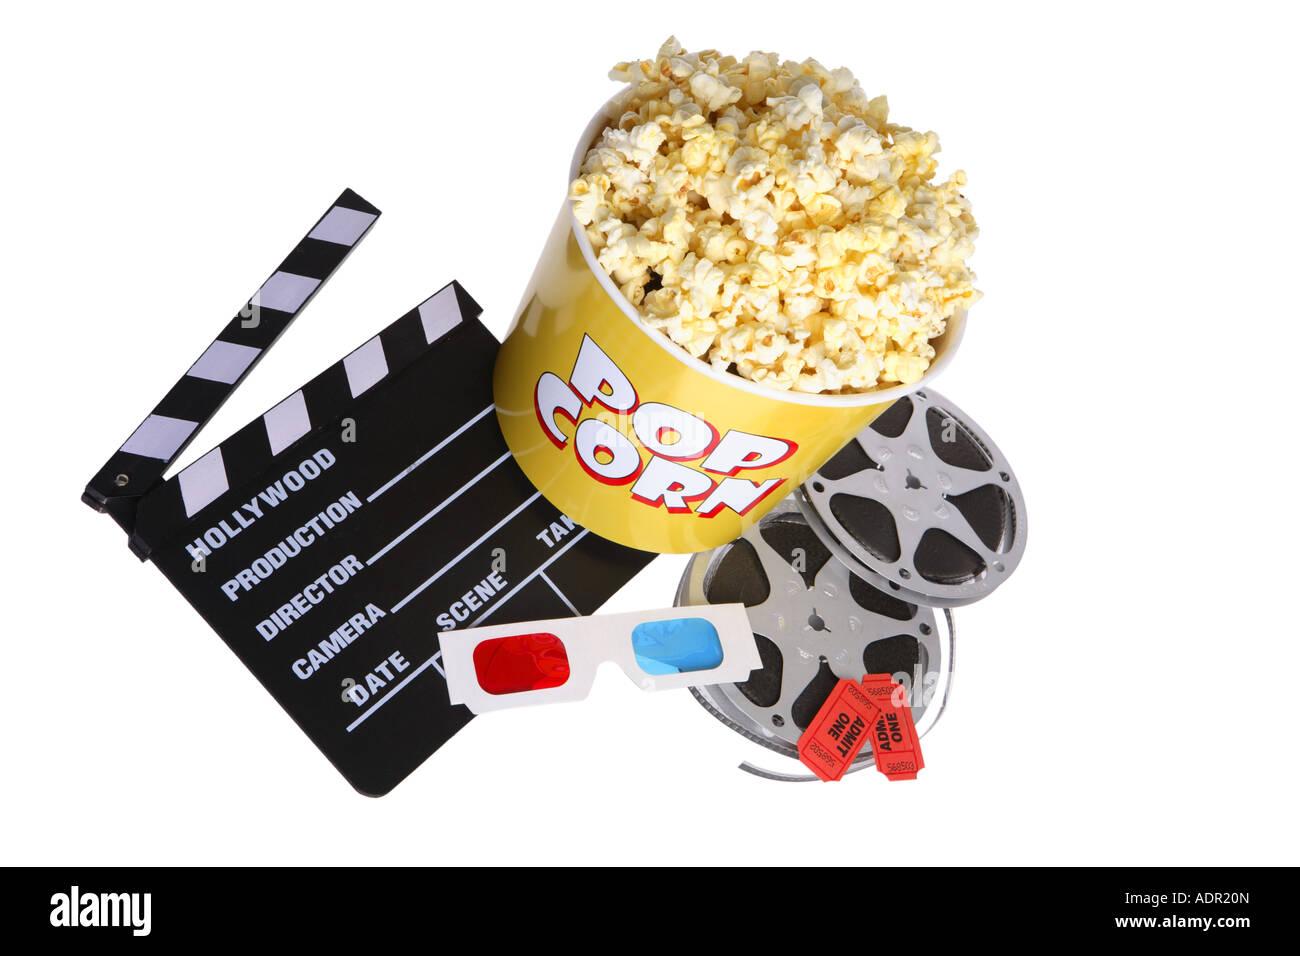 Película cosas: forma de claqueta, Gafas 3D, de palomitas, rollos de película y boletos Imagen De Stock